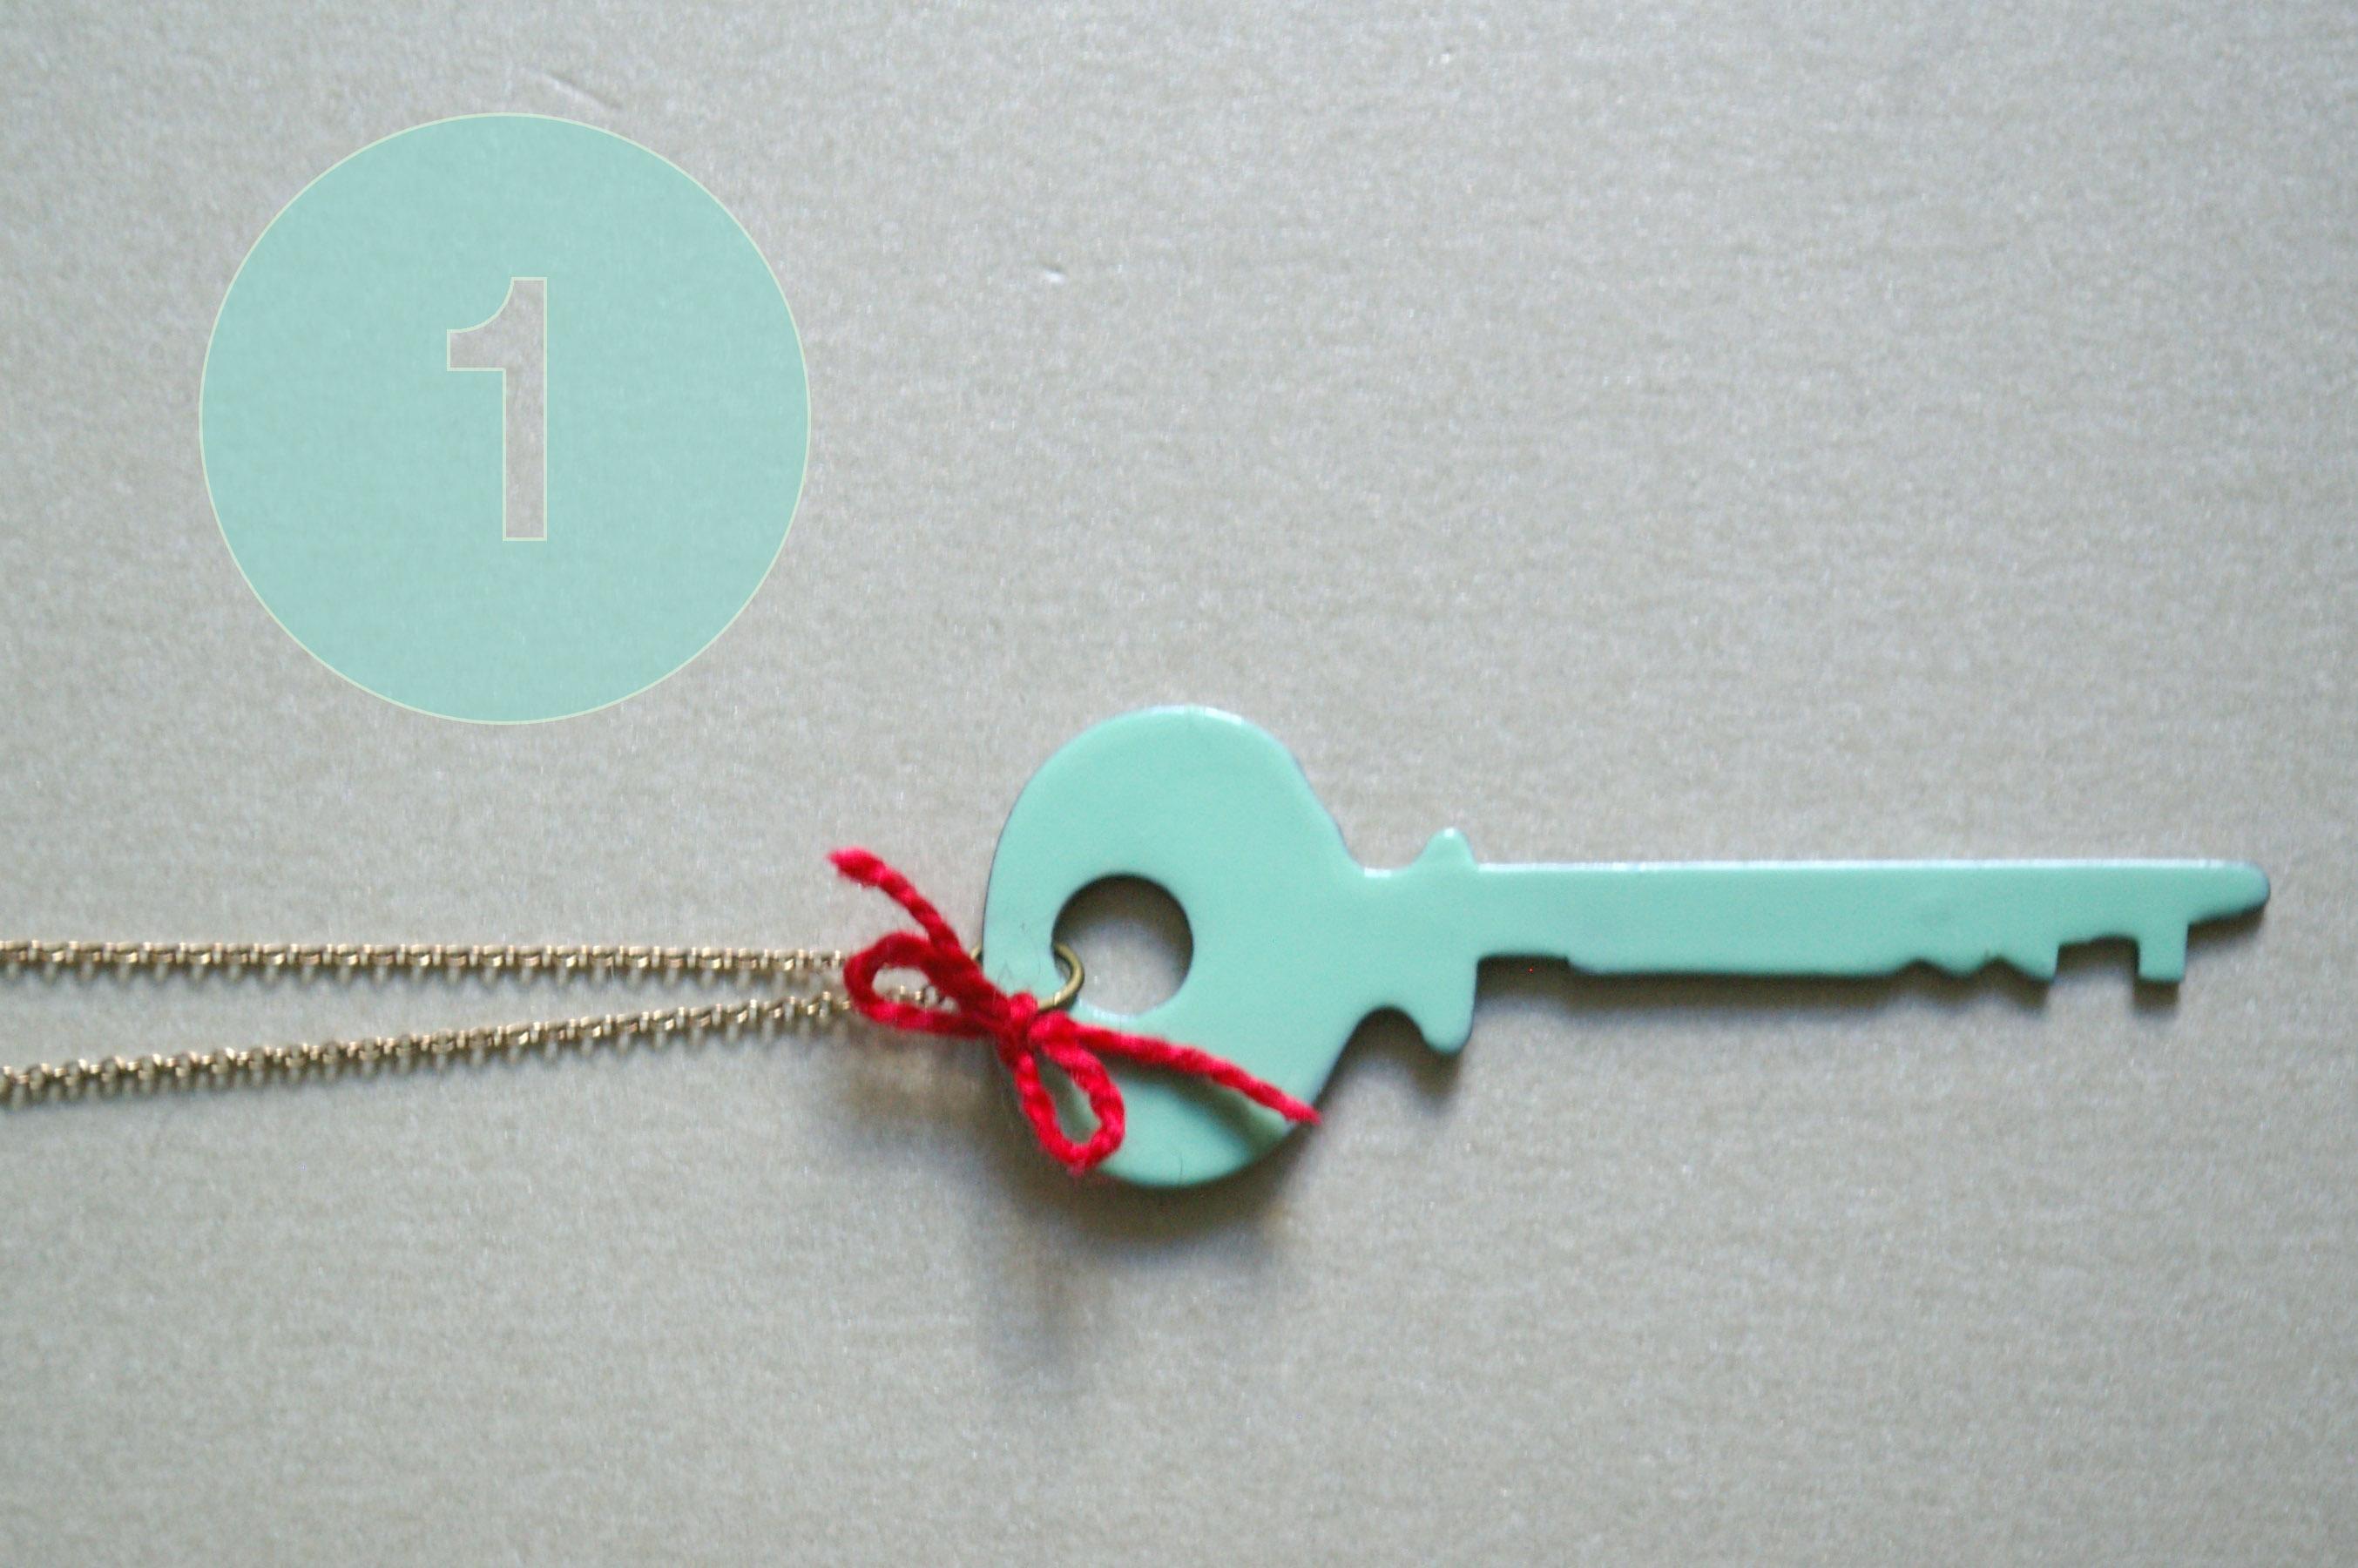 de estilo retro de bricolaje clave collar